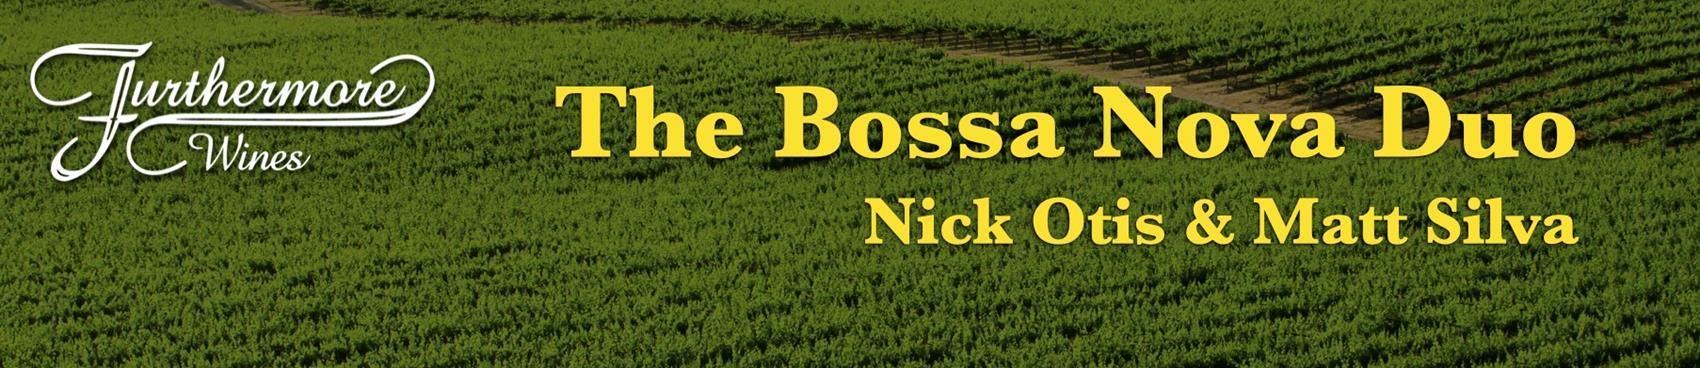 Jazz in the Vines : Nick Otis & Matt Silva - The Bossa Nova Duo